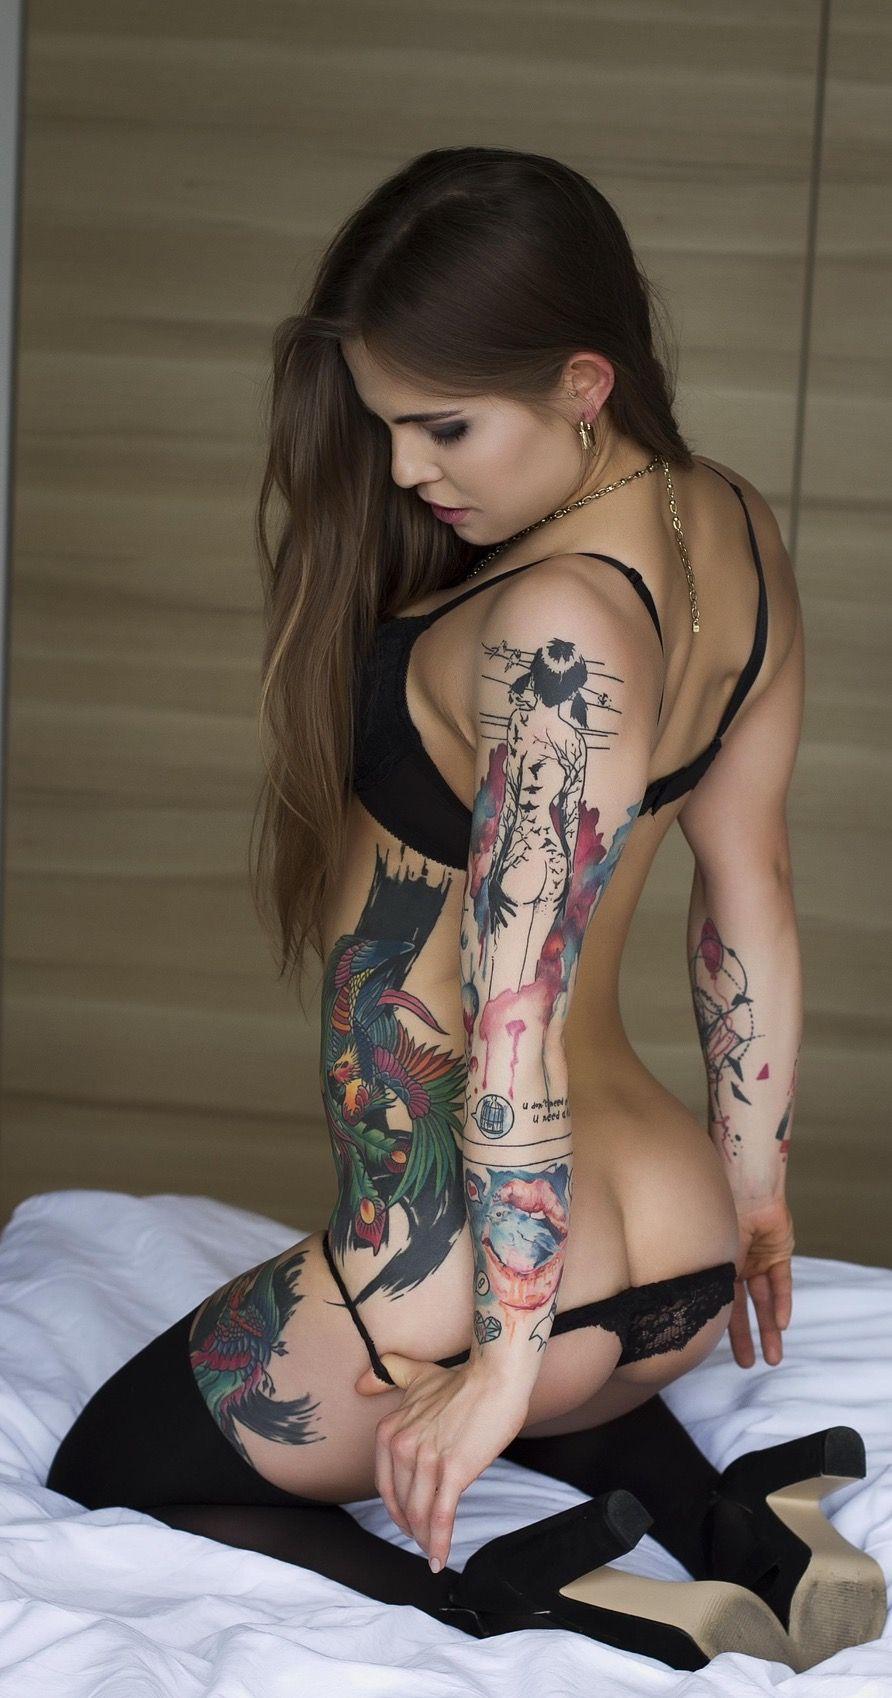 Секси девочка с татуировкой